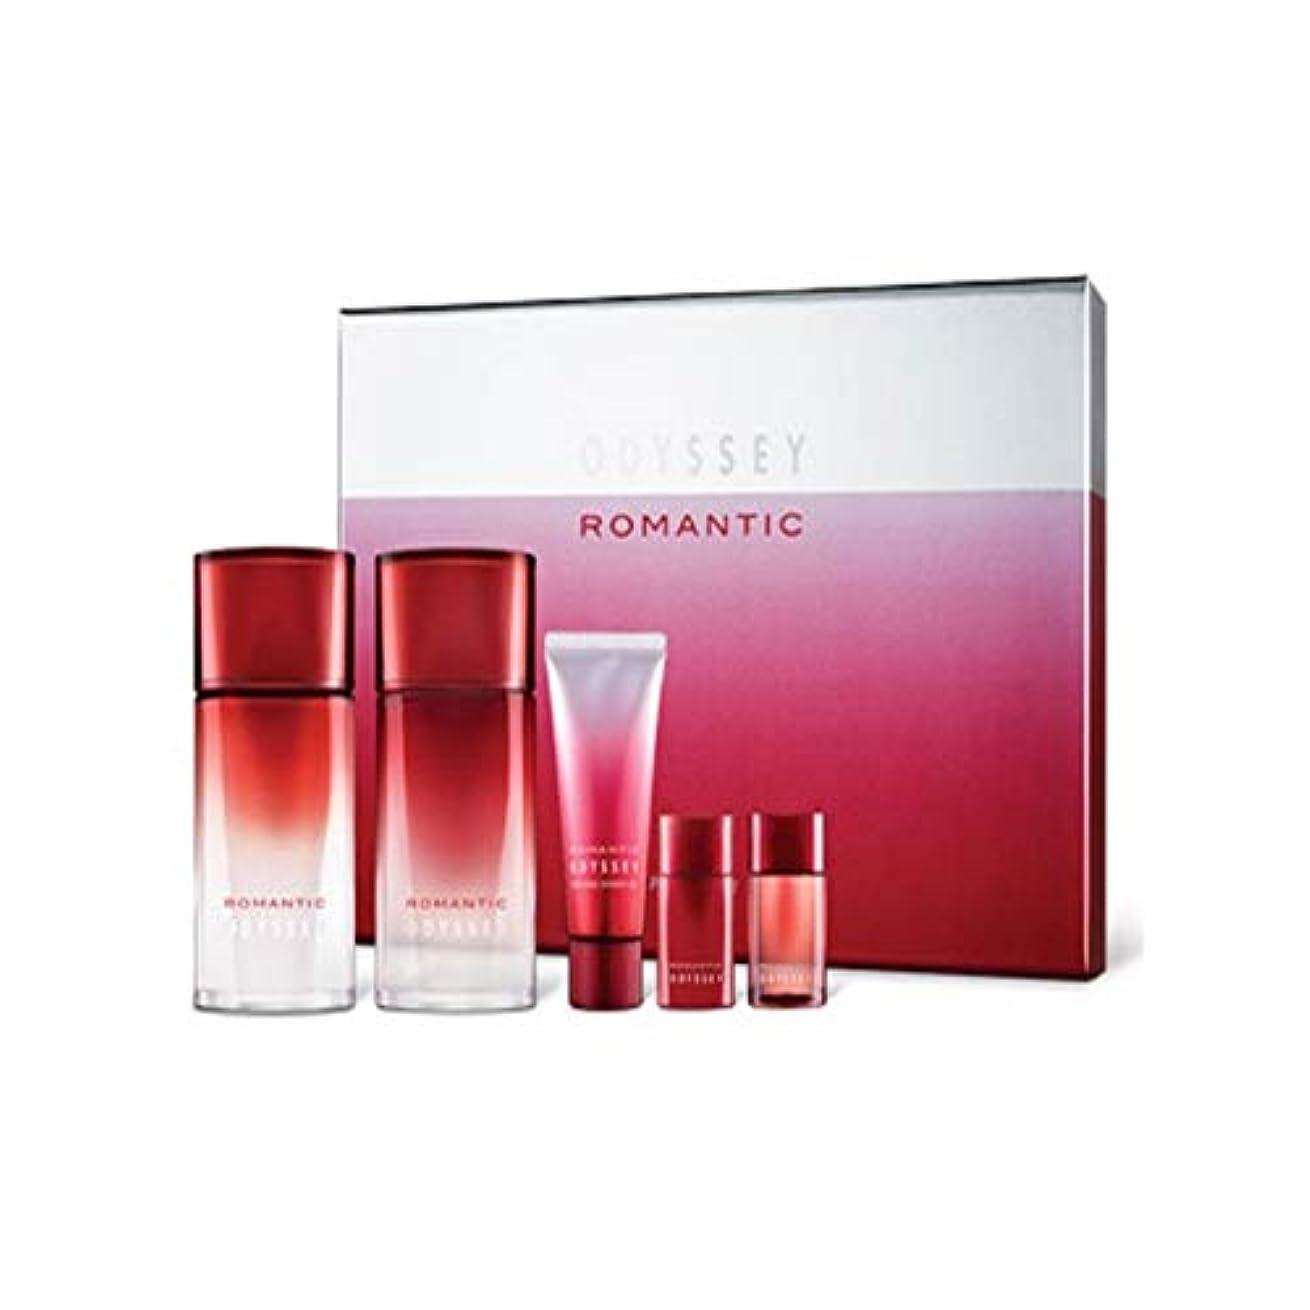 複数奪う汚れるオデッセイロマンチックスキンリファイナーローションセットメンズコスメ韓国コスメ、Odyssey Romantic Skin Refiner Lotion Set Men's Cosmetics Korean Cosmetics...